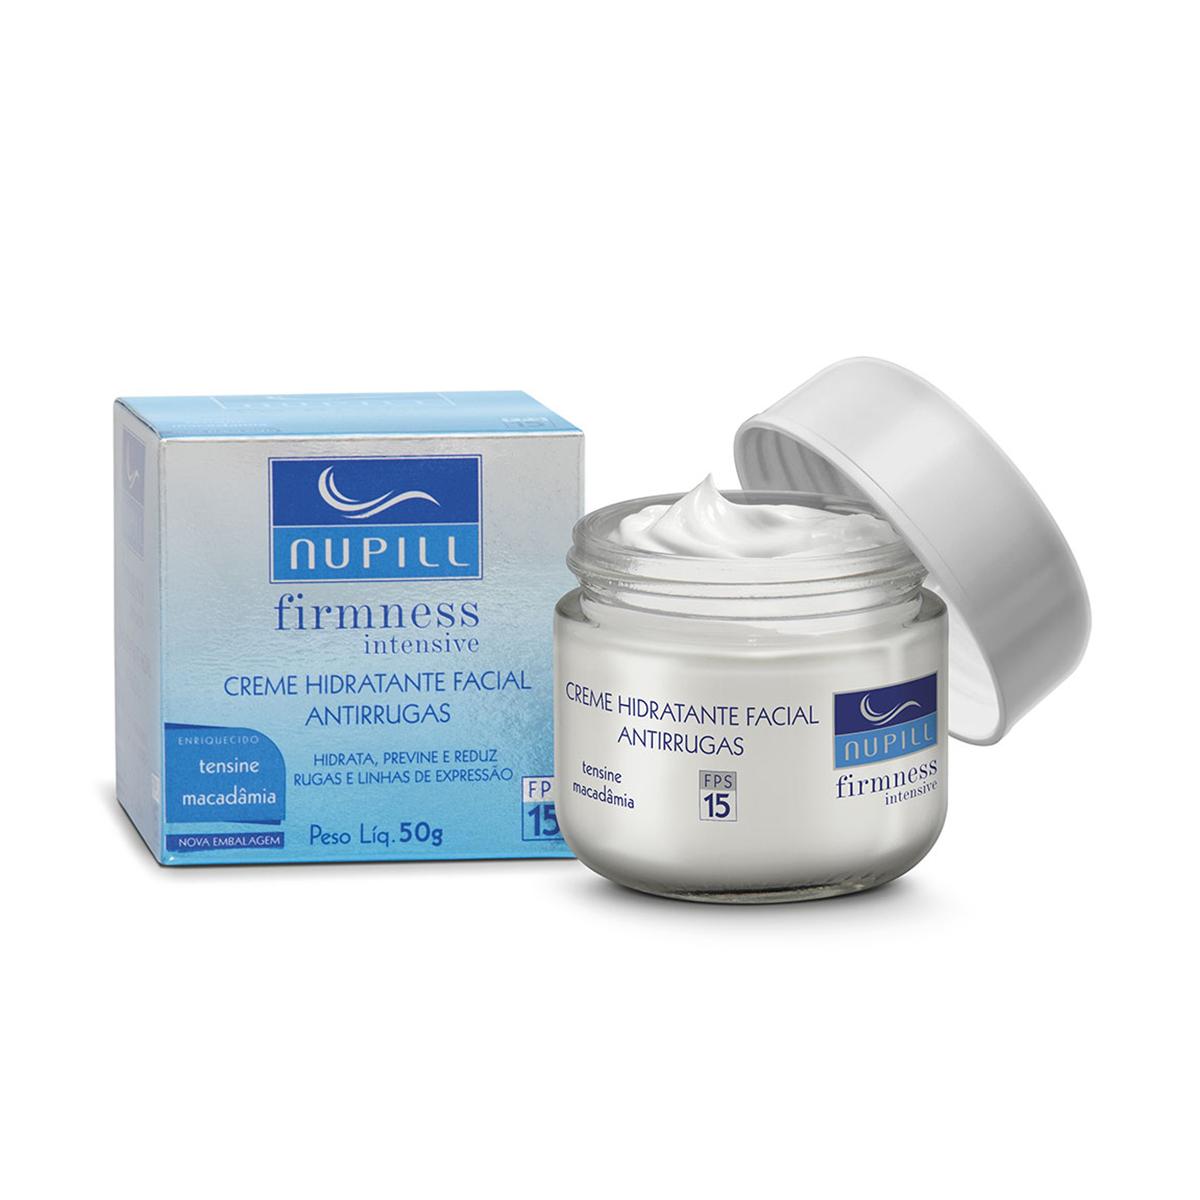 Creme Hidratante Facial Antirrugas Nupill FPS 15 com 50g 50g